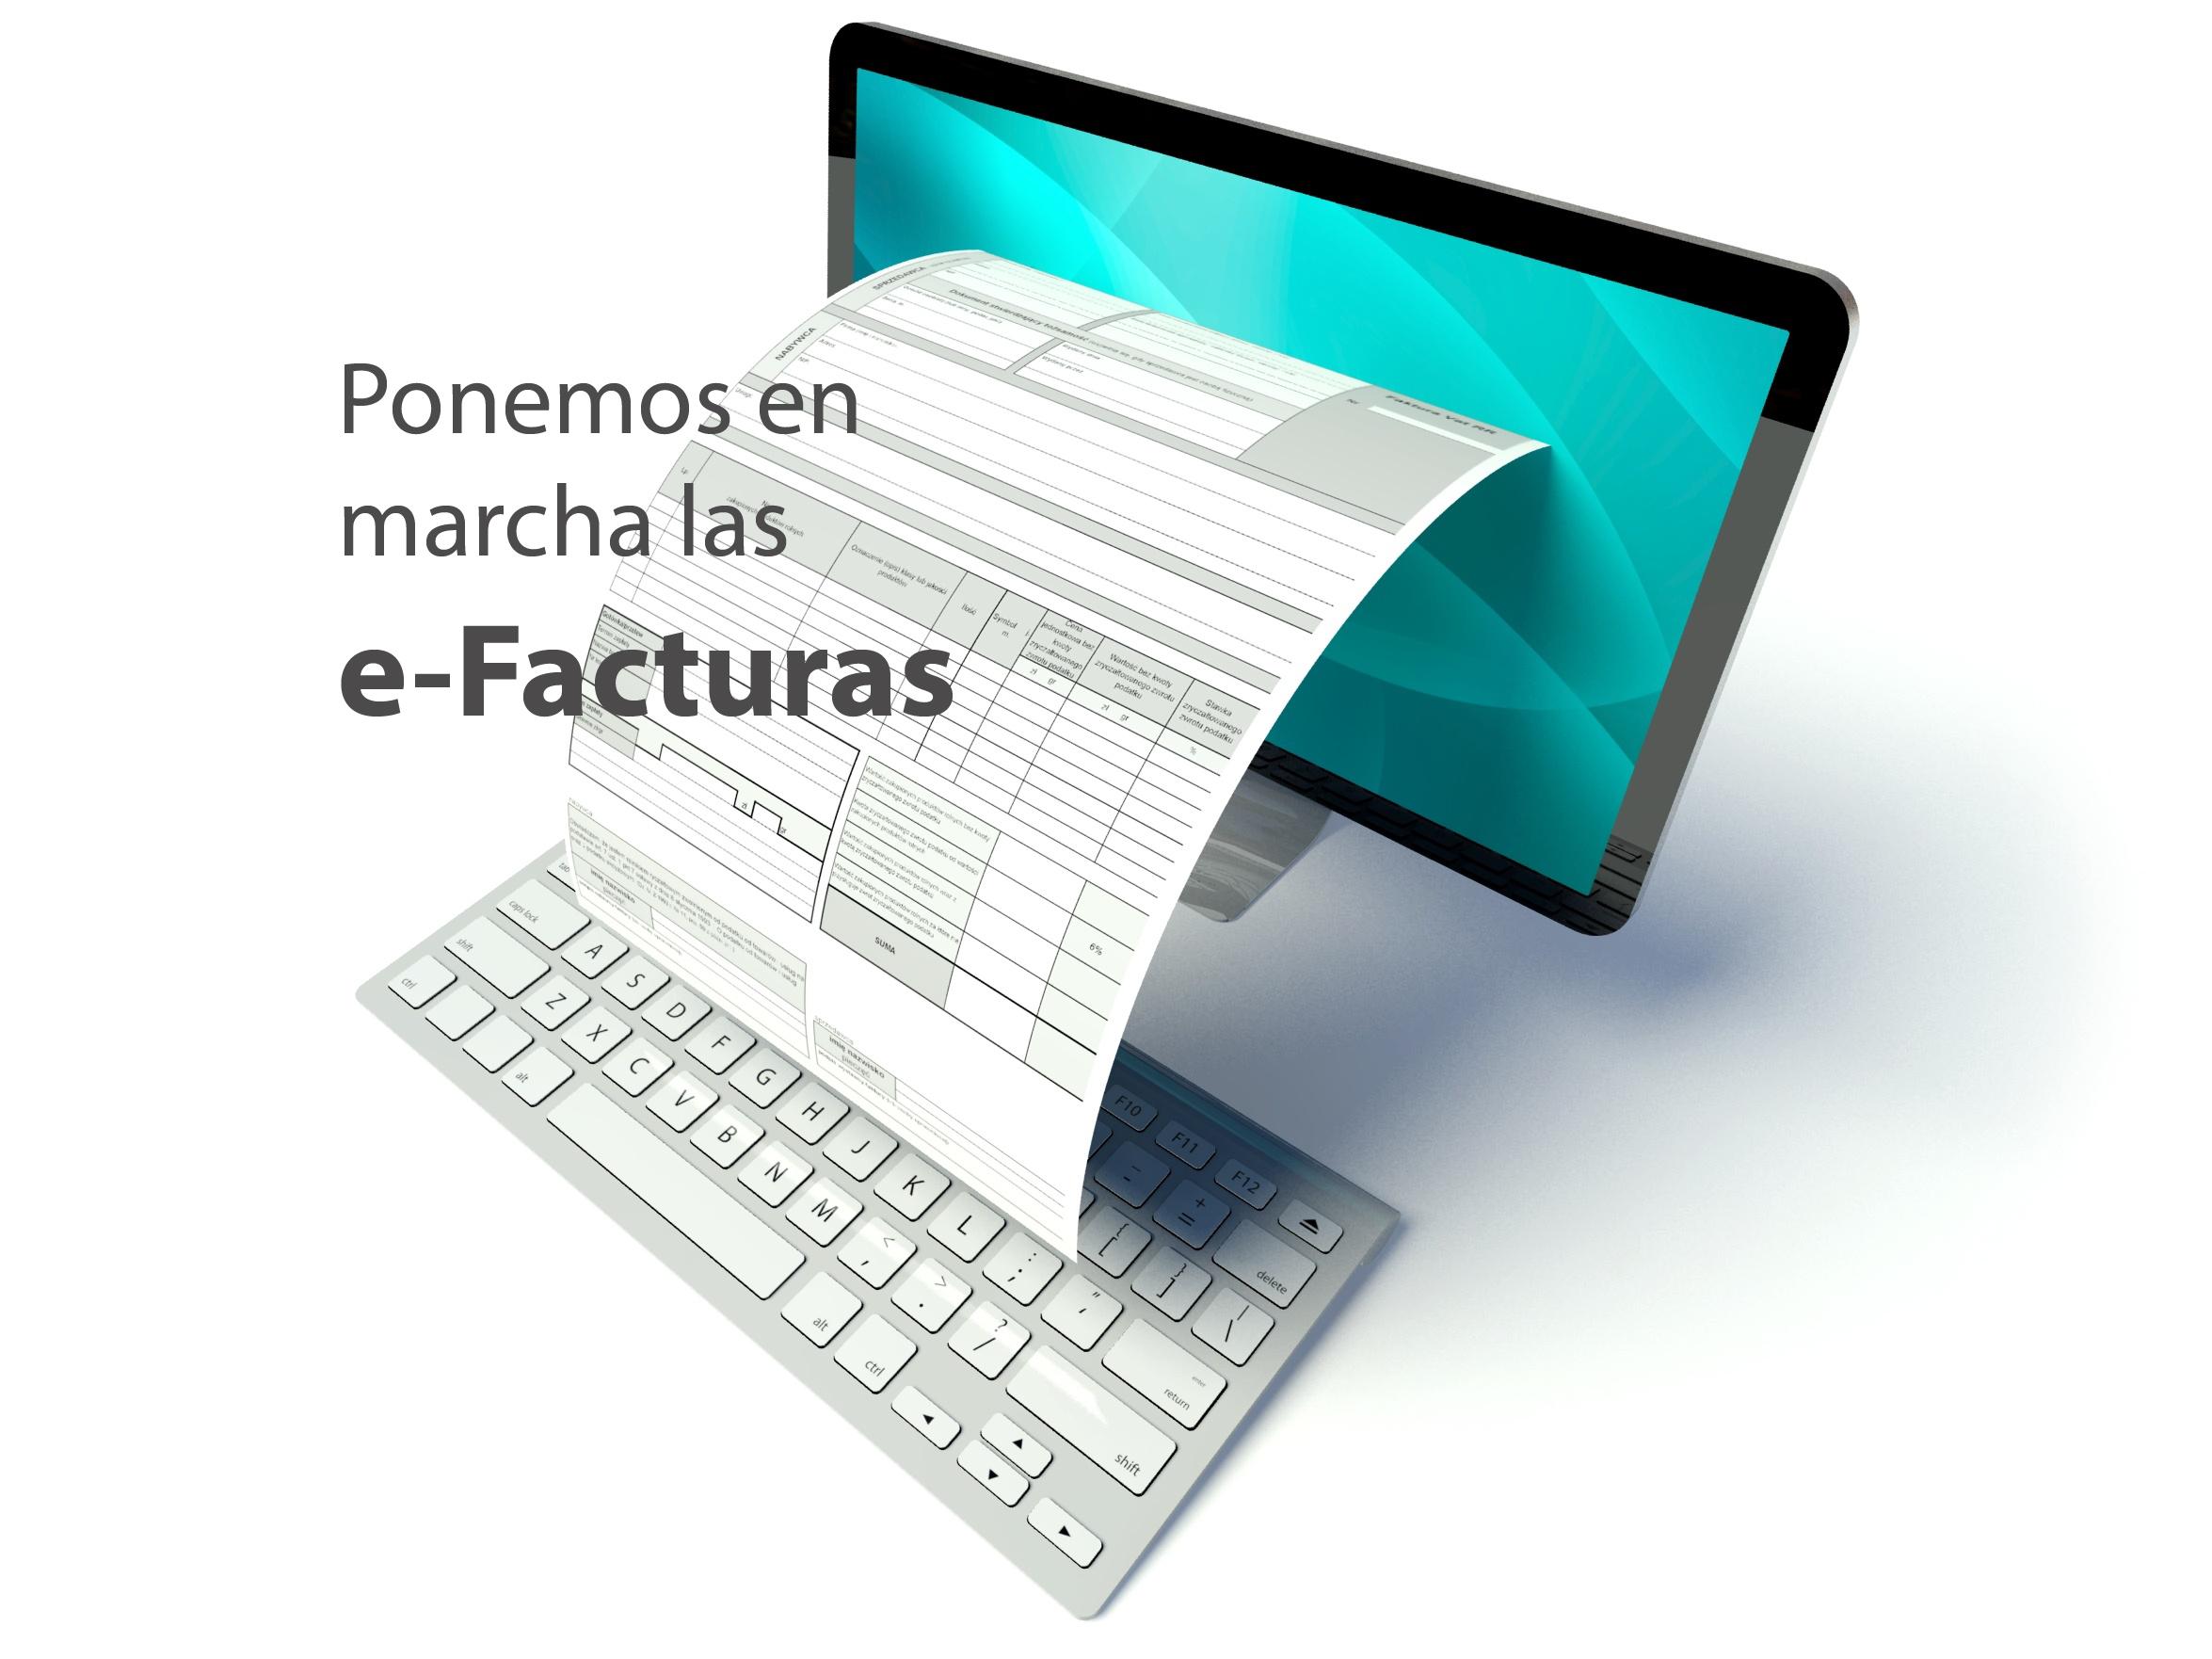 Grupo Farmasierra ha puesto en marcha el intercambio de facturas electrónicas con todos sus proveedores.